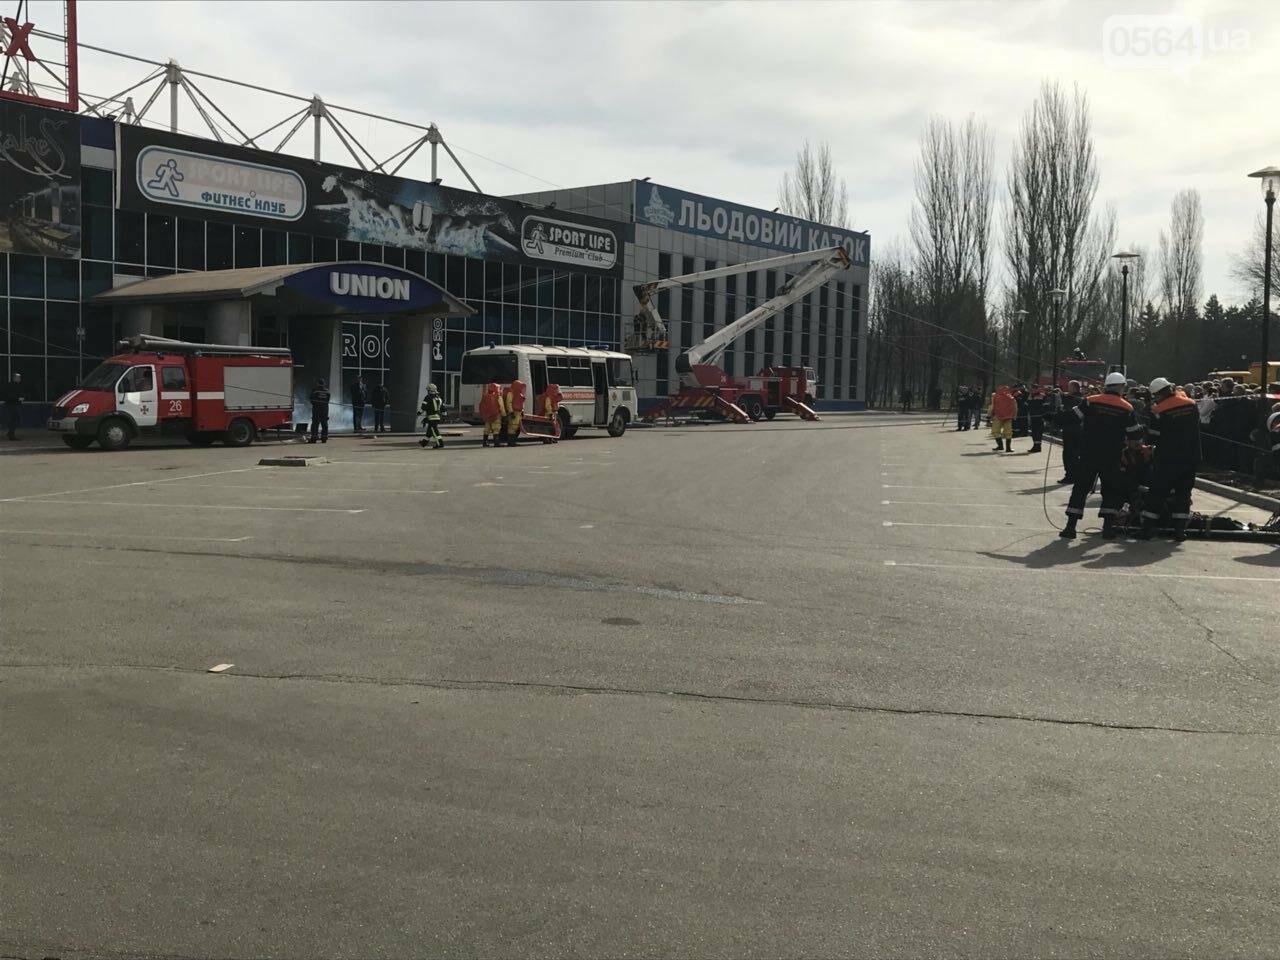 В Кривом Роге спасатели тренировались тушить пожар в ТРЦ  (ФОТО, ВИДЕО), фото-9